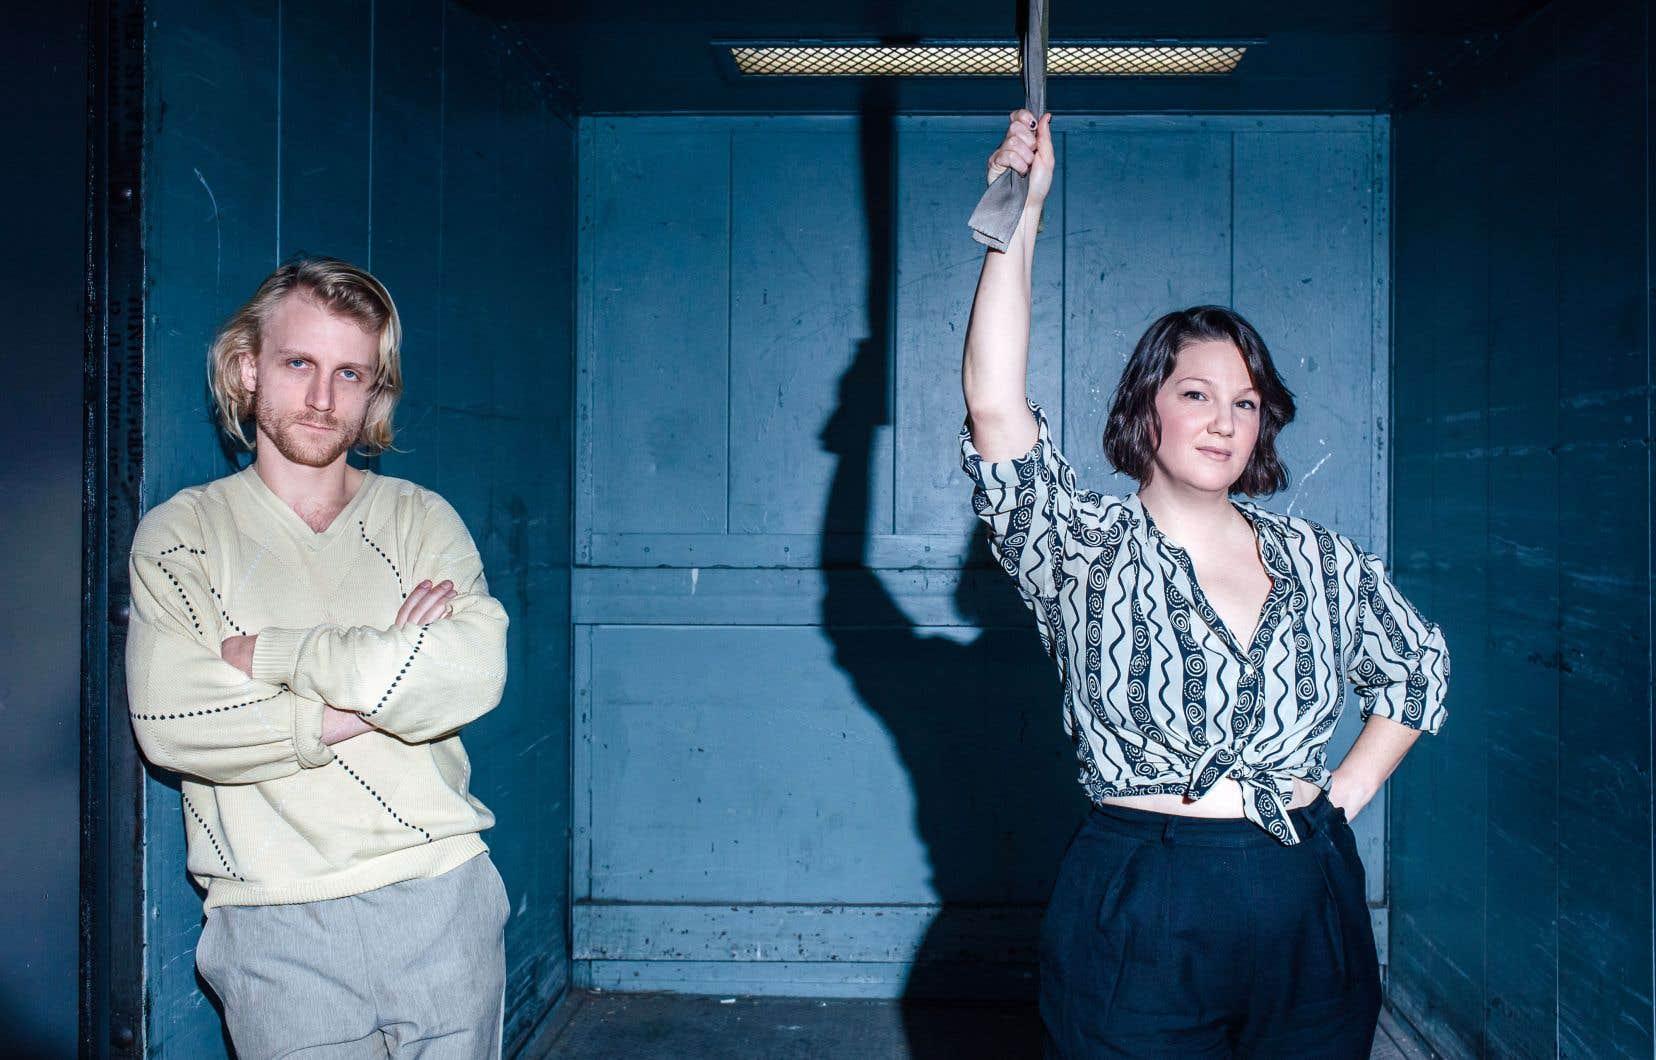 Christophe Lamarche-Ledoux et Ariane M. se connaissaient depuis l'enfance, voisins à l'époque où ils habitaient Sherbrooke, mais n'ont vraiment fait connaissance qu'à Montréal grâce à des connaissances communes dans le milieu musical.